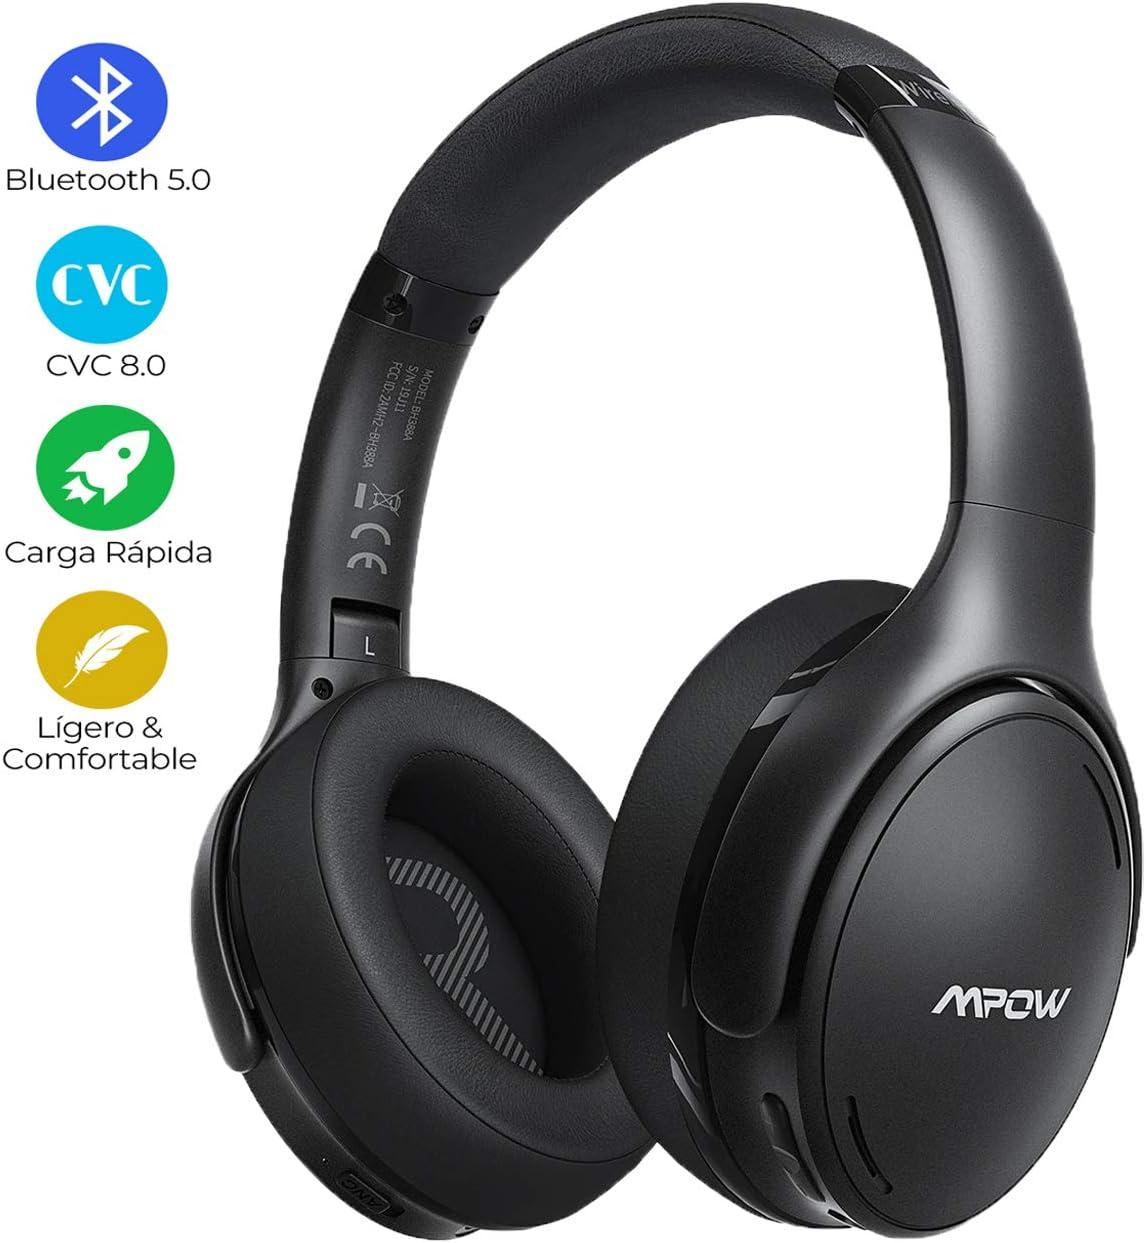 Mpow Auriculares con Cancelación de Ruido con Bluetooth 5.0, 30 Horas de Juego, Carga Rápida, Auriculares Diadema Bluetooth con Micrófono CVC 8.0, Cascos con Cancelación de Ruido para Móvil/TV/PC